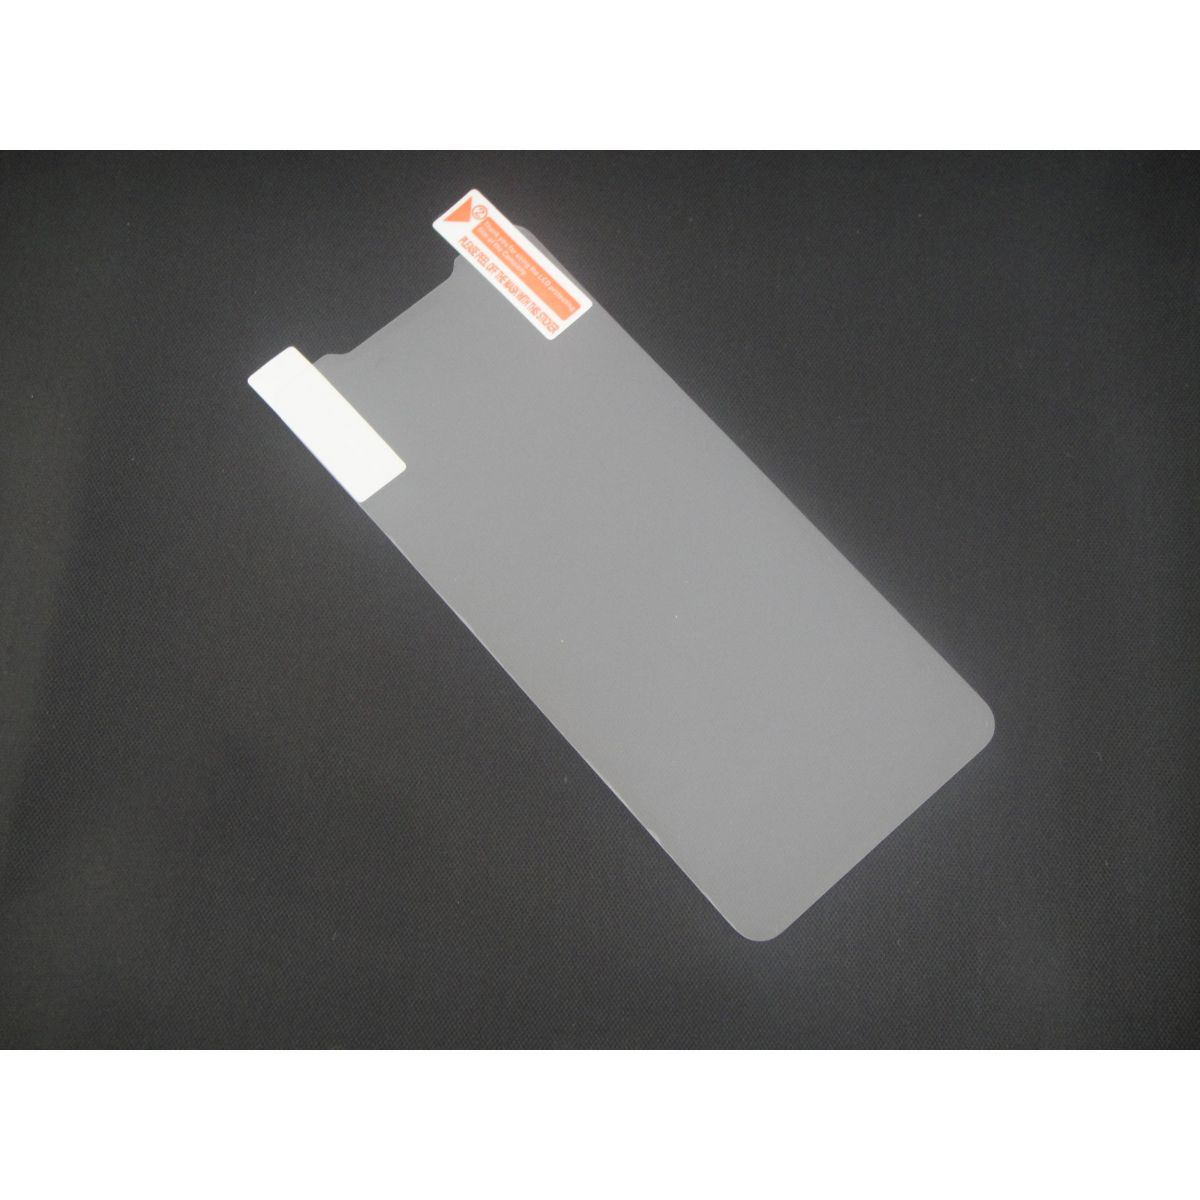 Pelicula Protetora para LG Optimus 2x P990 Invisivel